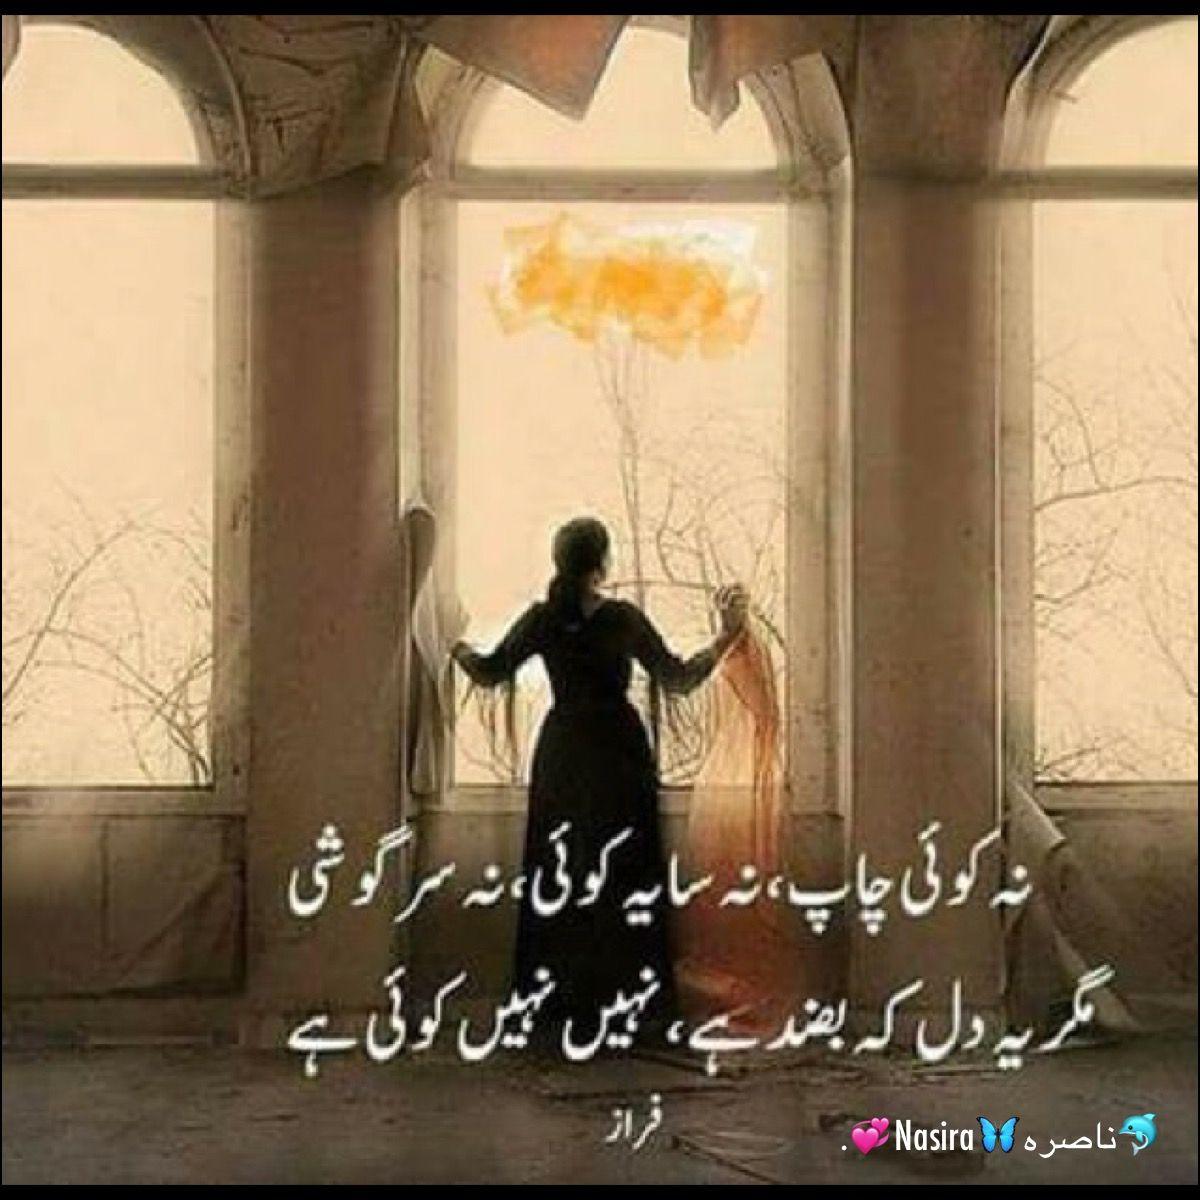 Pin by Arsh khan on شاعری و غزل Urdu words, Urdu poetry